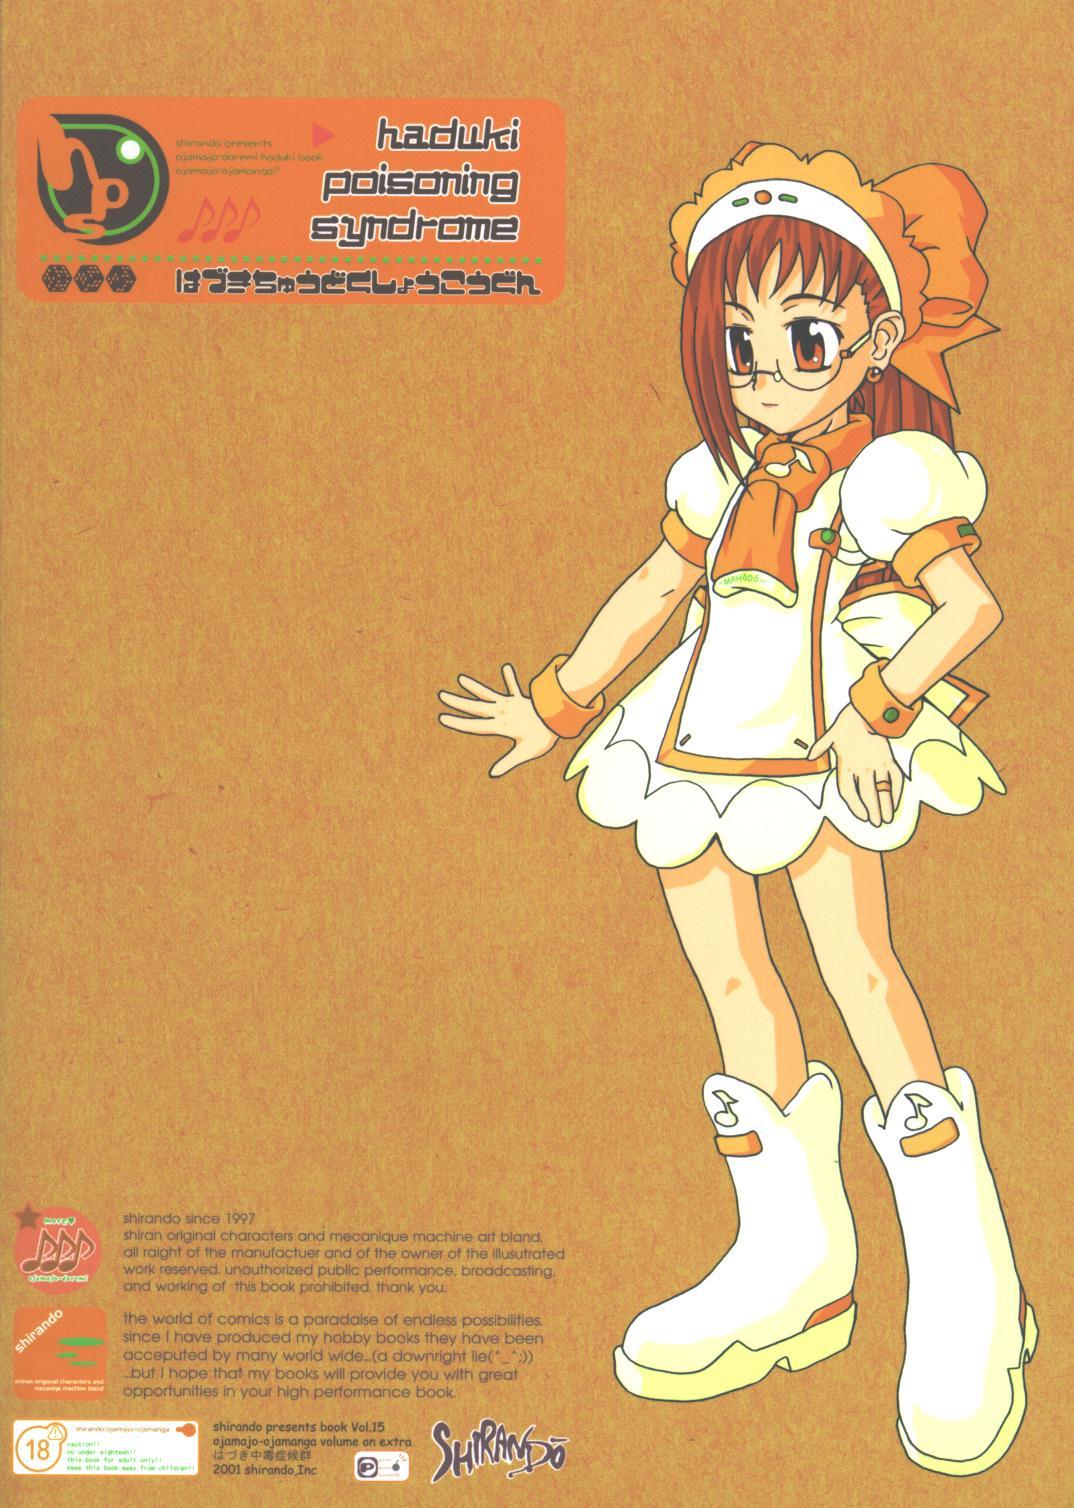 (Puniket 4) [Shiran-dou (shiran)] Hazuki Chuudoku Shoukougun | Haduki-Poisoning-Syndrome (Ojamajo Doremi) 29